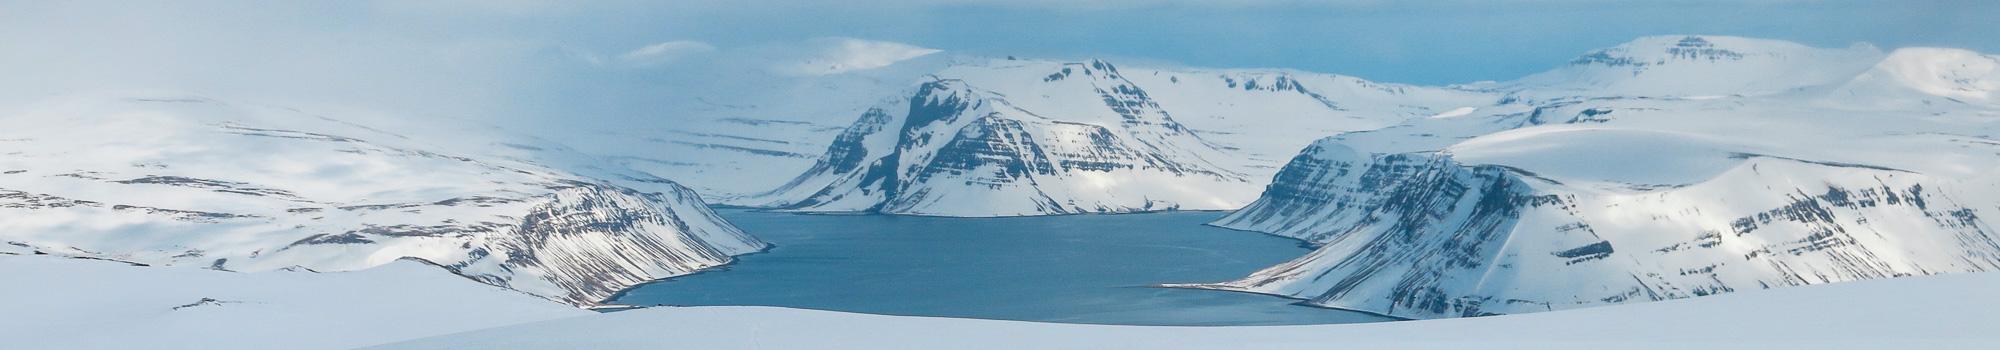 Landscape winter Westfjords of Iceland